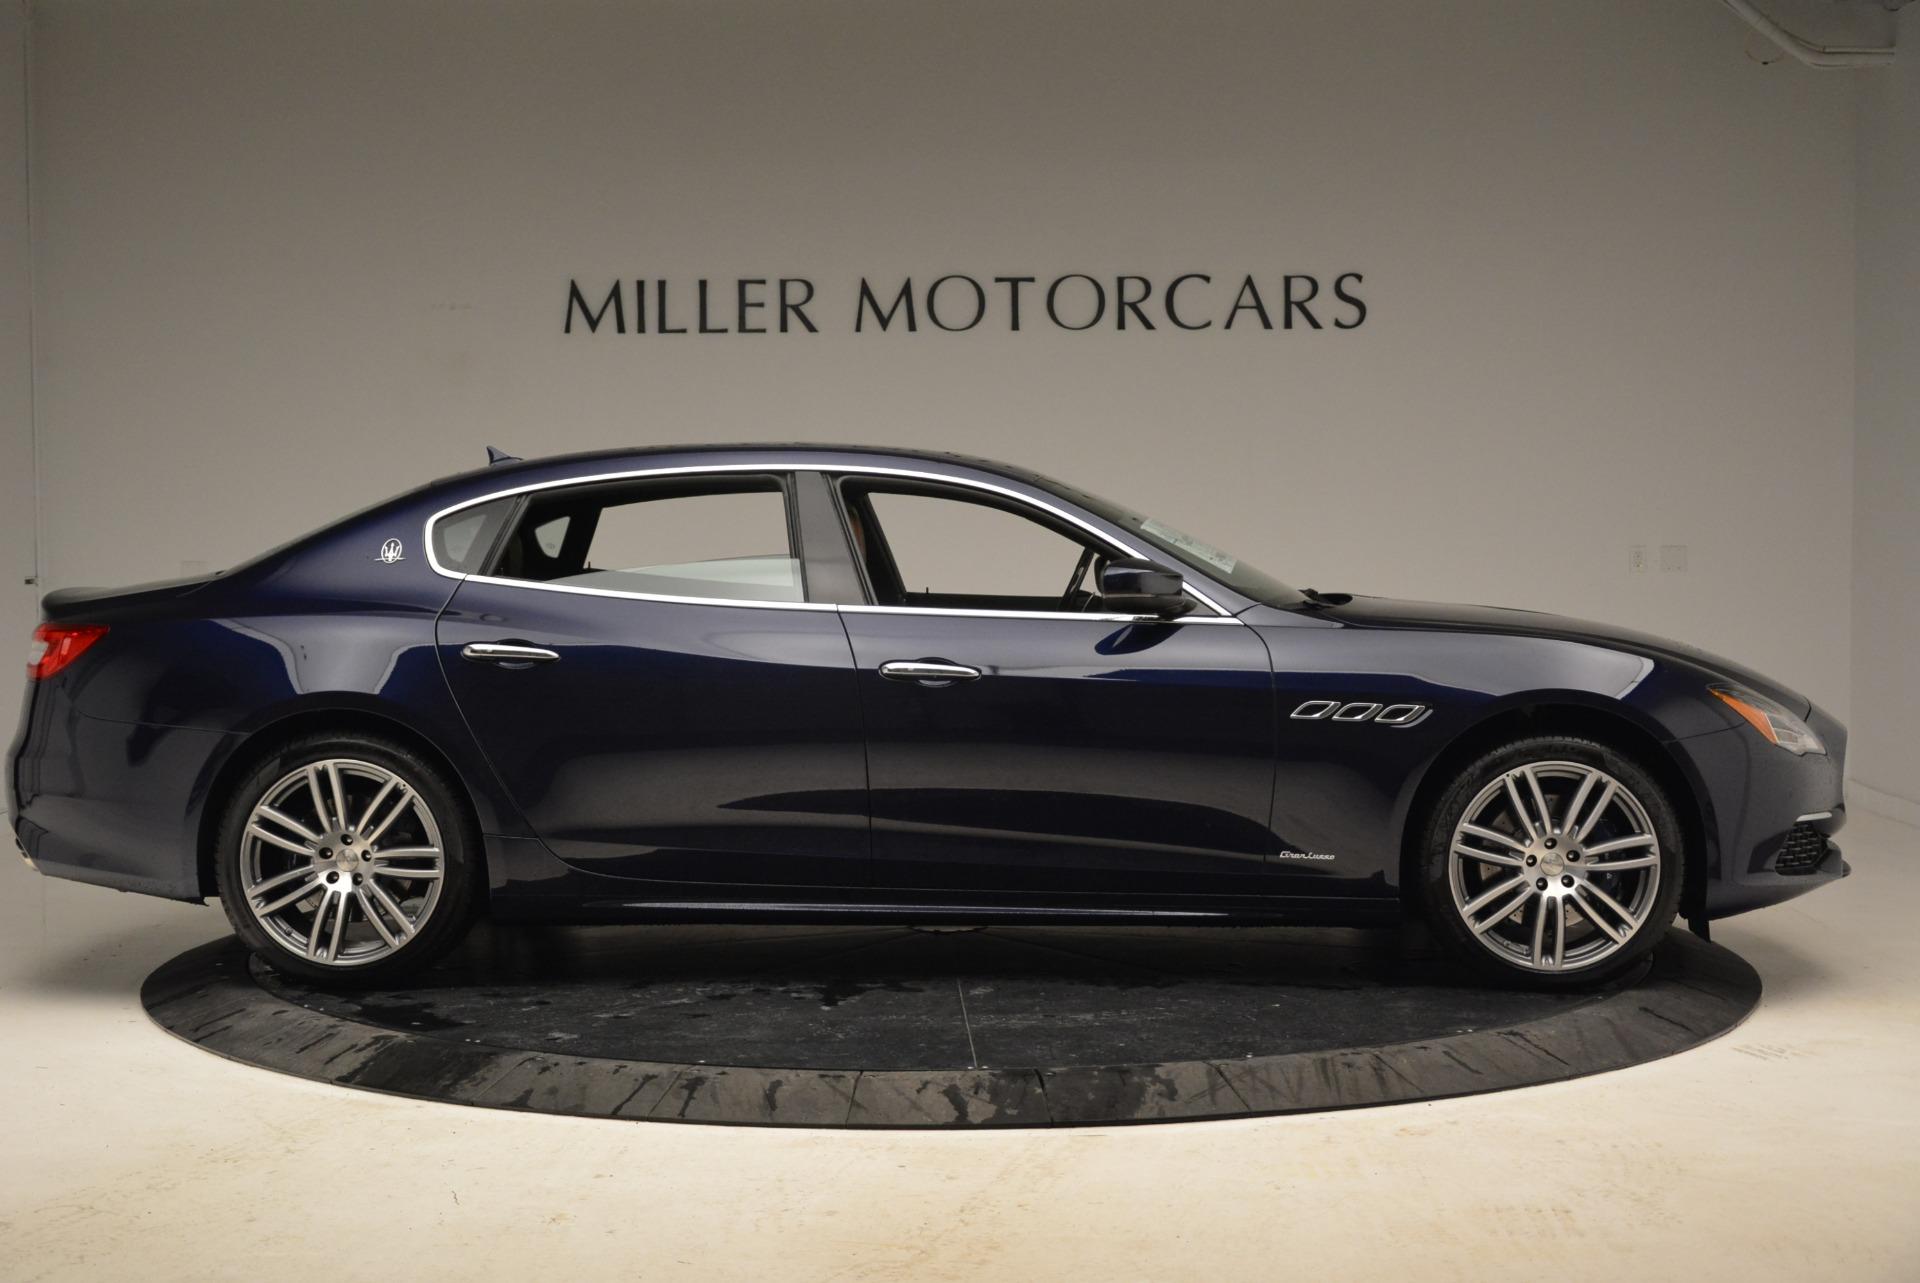 New 2018 Maserati Quattroporte S Q4 GranLusso For Sale In Greenwich, CT 1816_p9